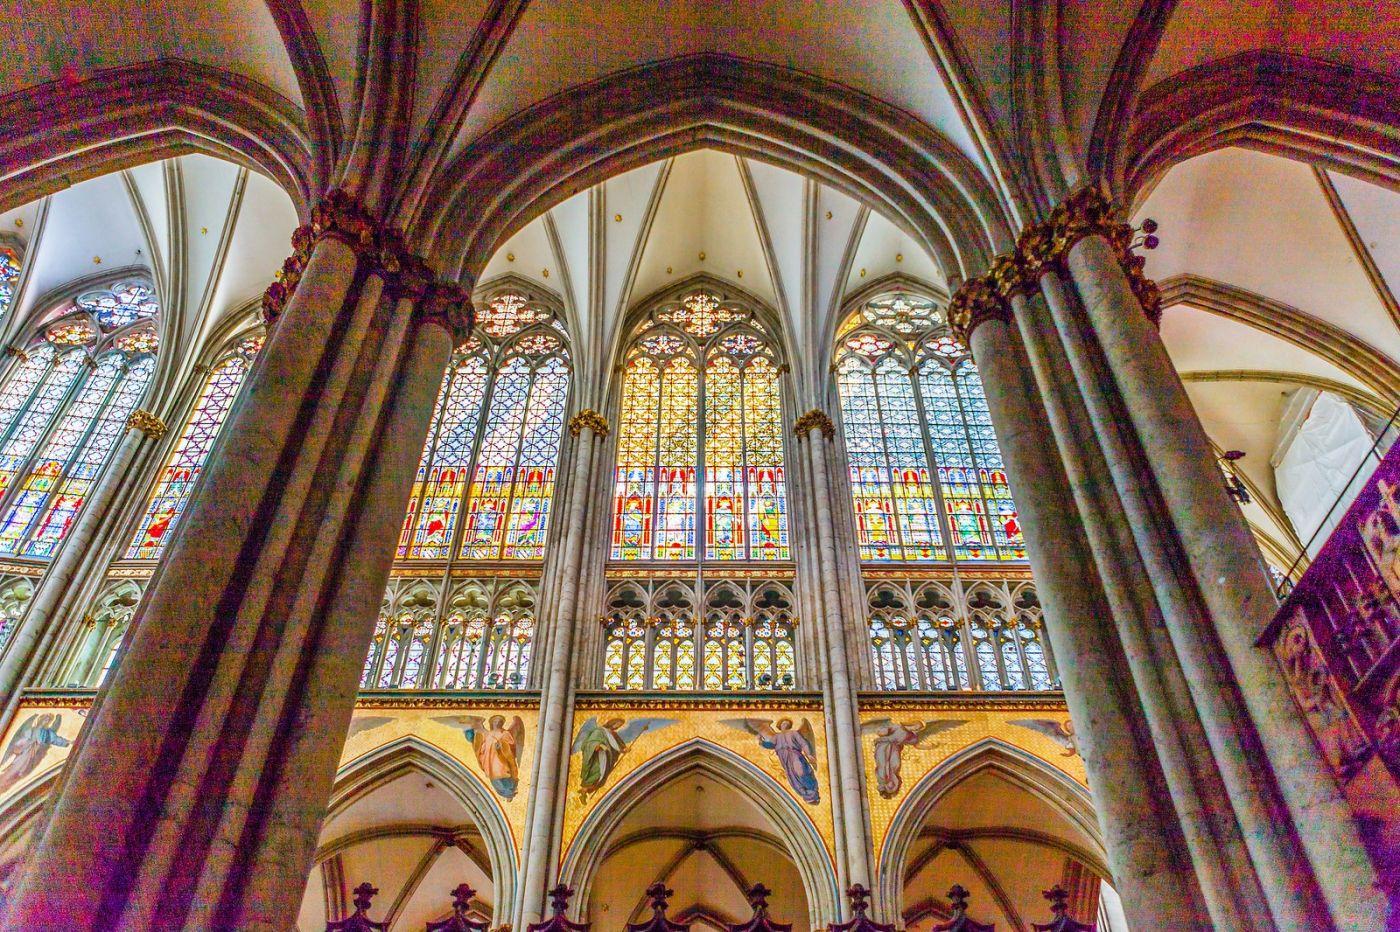 德国科隆大教堂,独一无二的窗户玻璃_图1-26